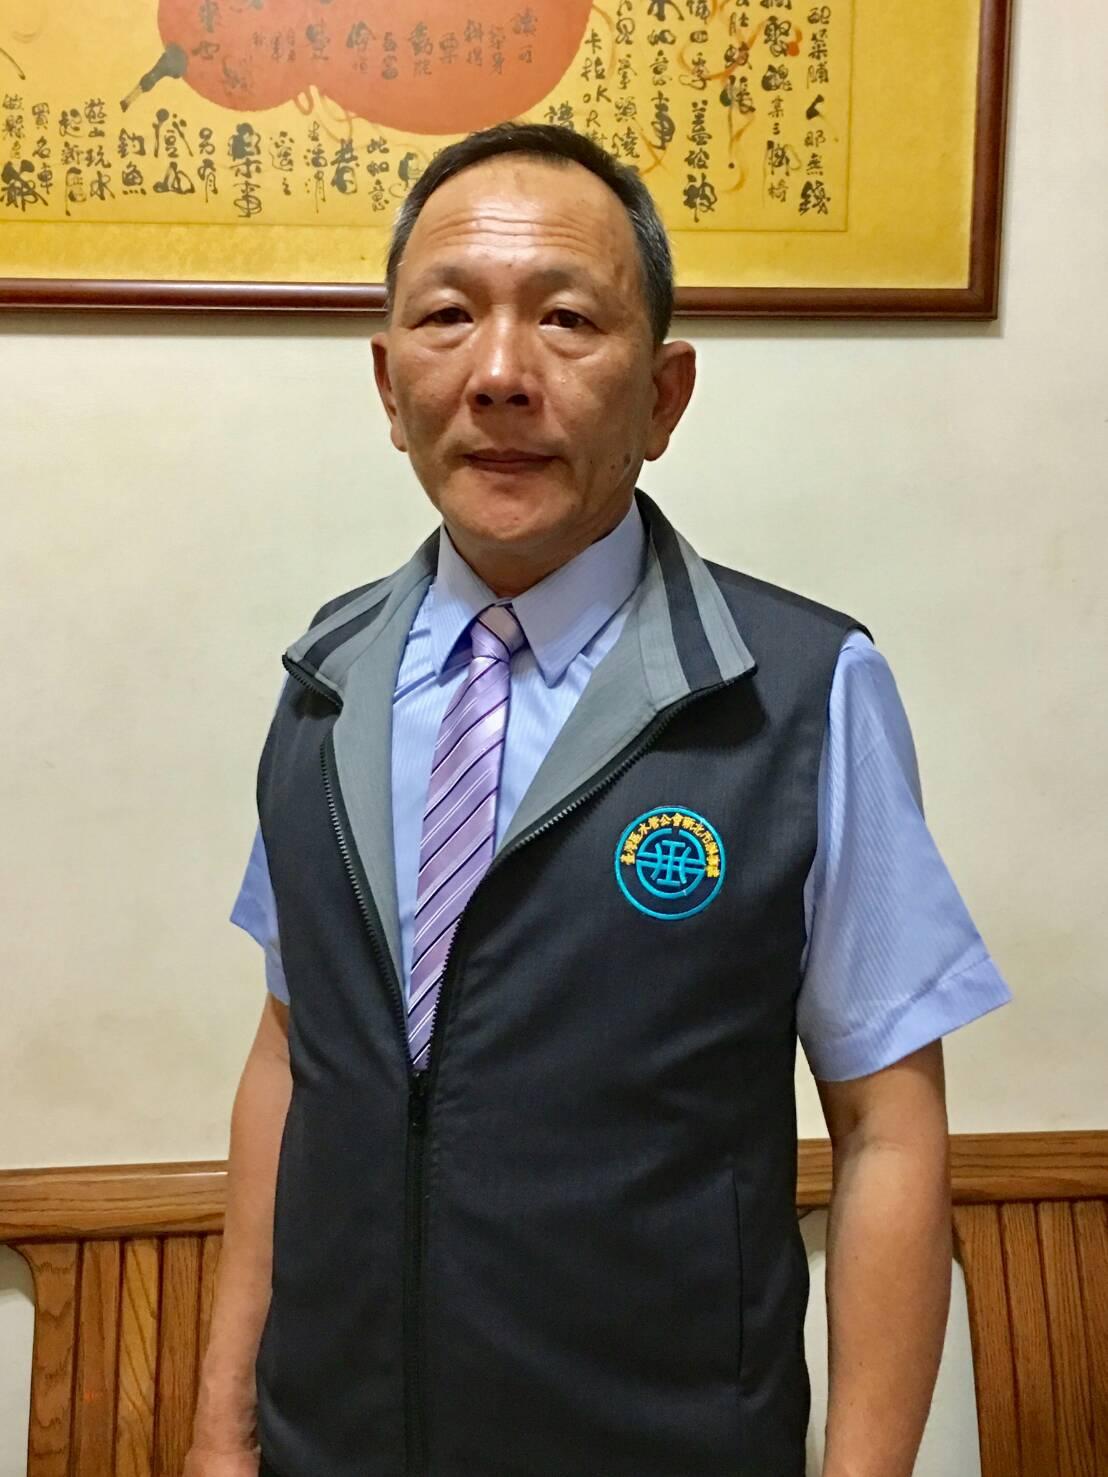 福騏水電呂先生0937951348 26876181.jpg